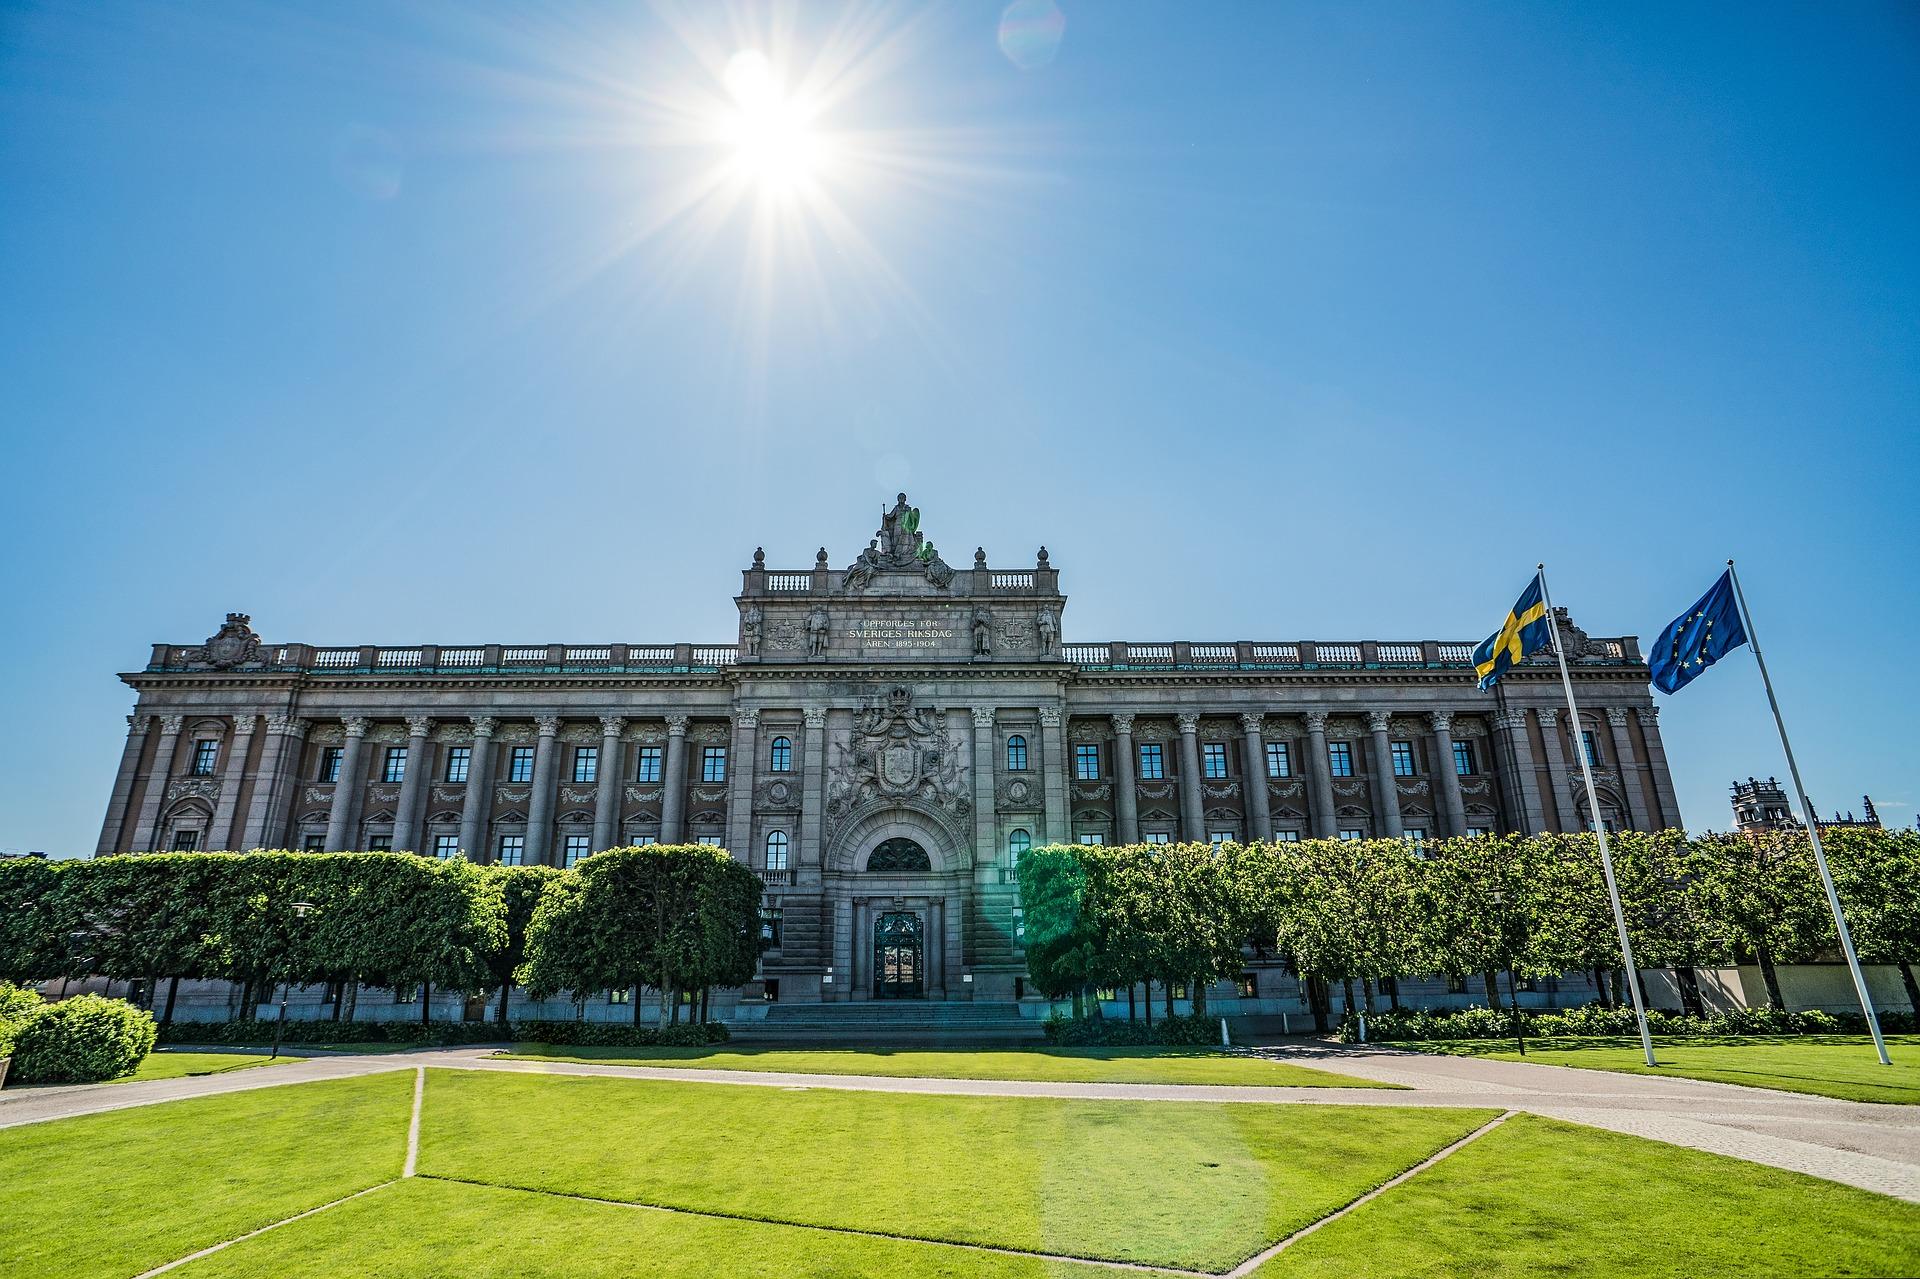 IMAGEM: Comissão do Parlamento da Suécia conclui que governo fracassou na pandemia